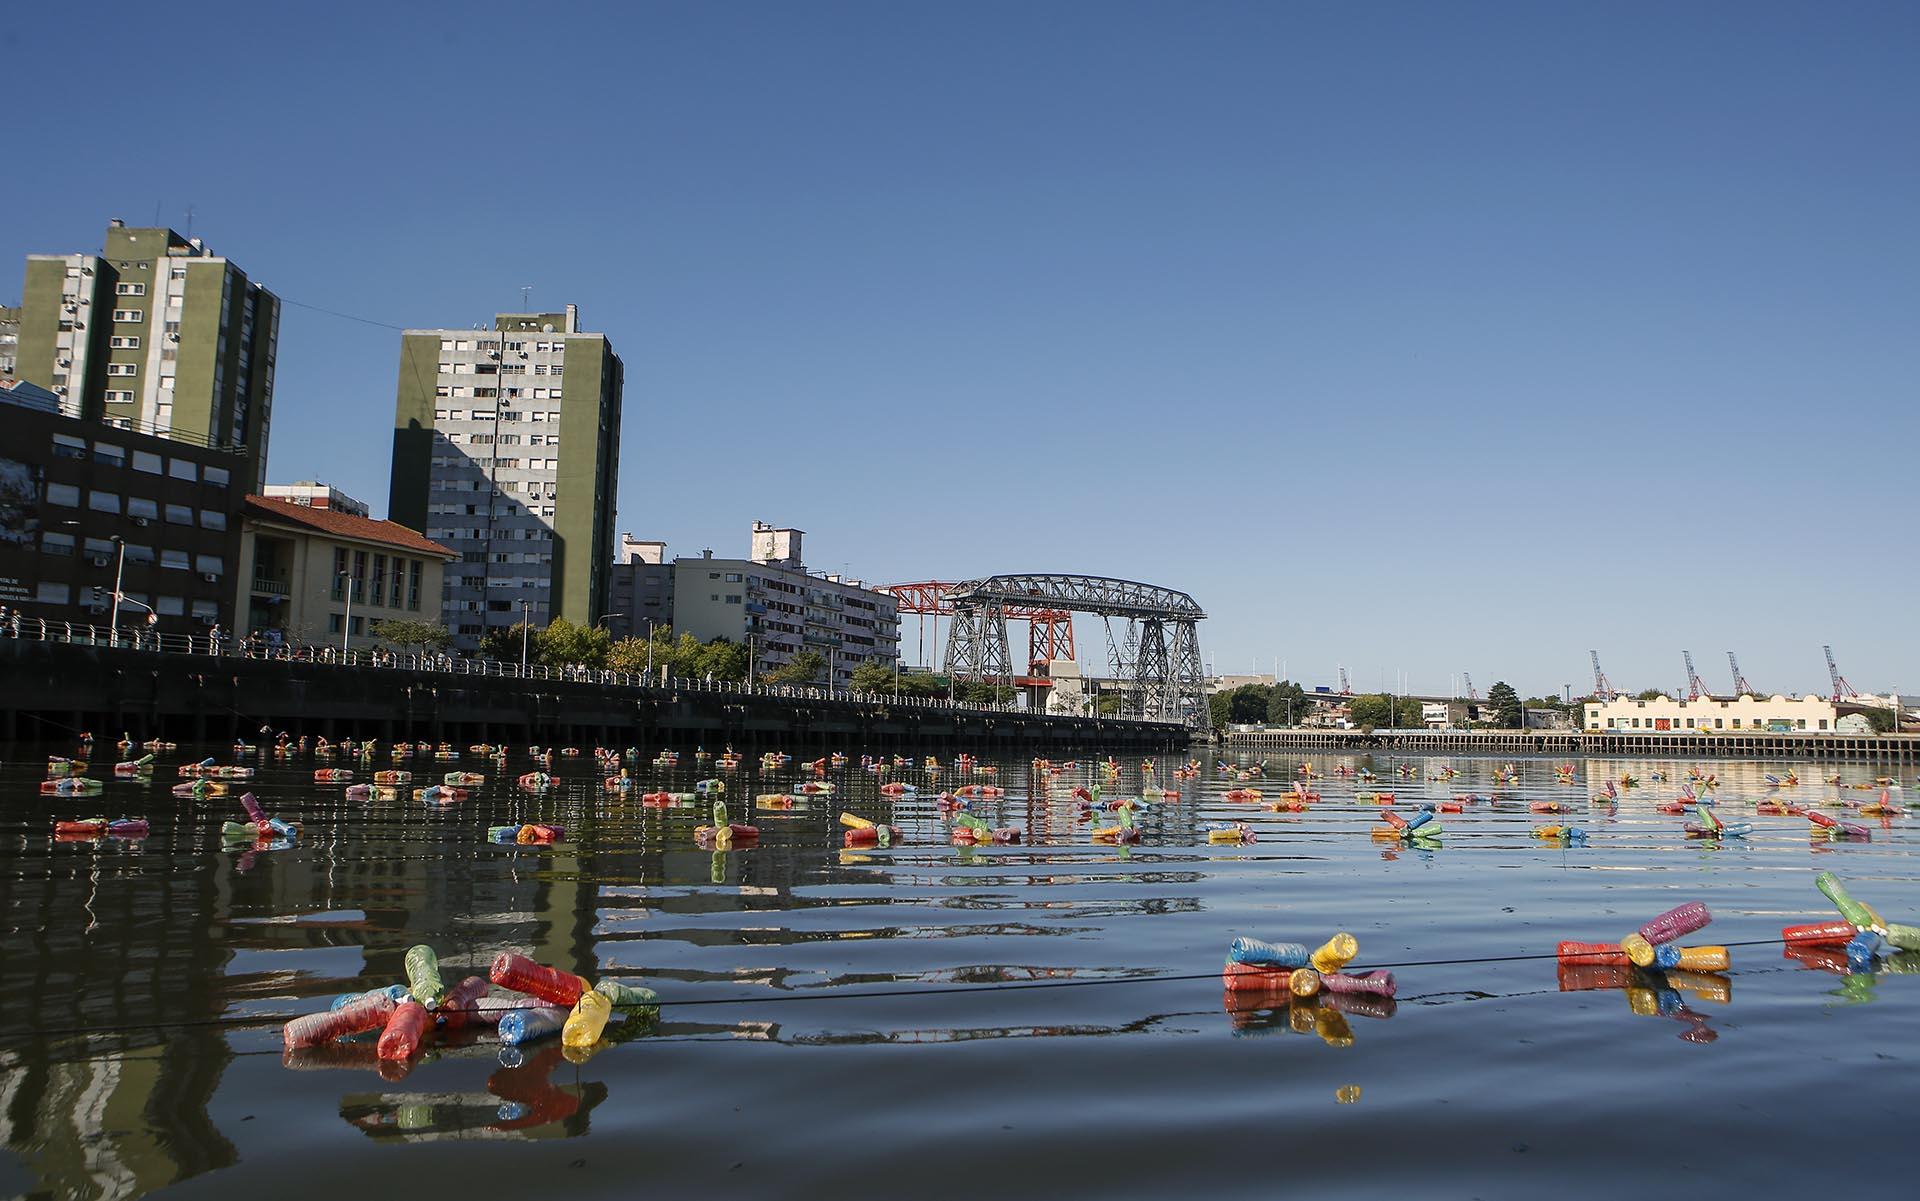 En ese río de colores, los chicos de ambos países salieron a navegar simbólicamente en una embarcación construida con materiales reciclados